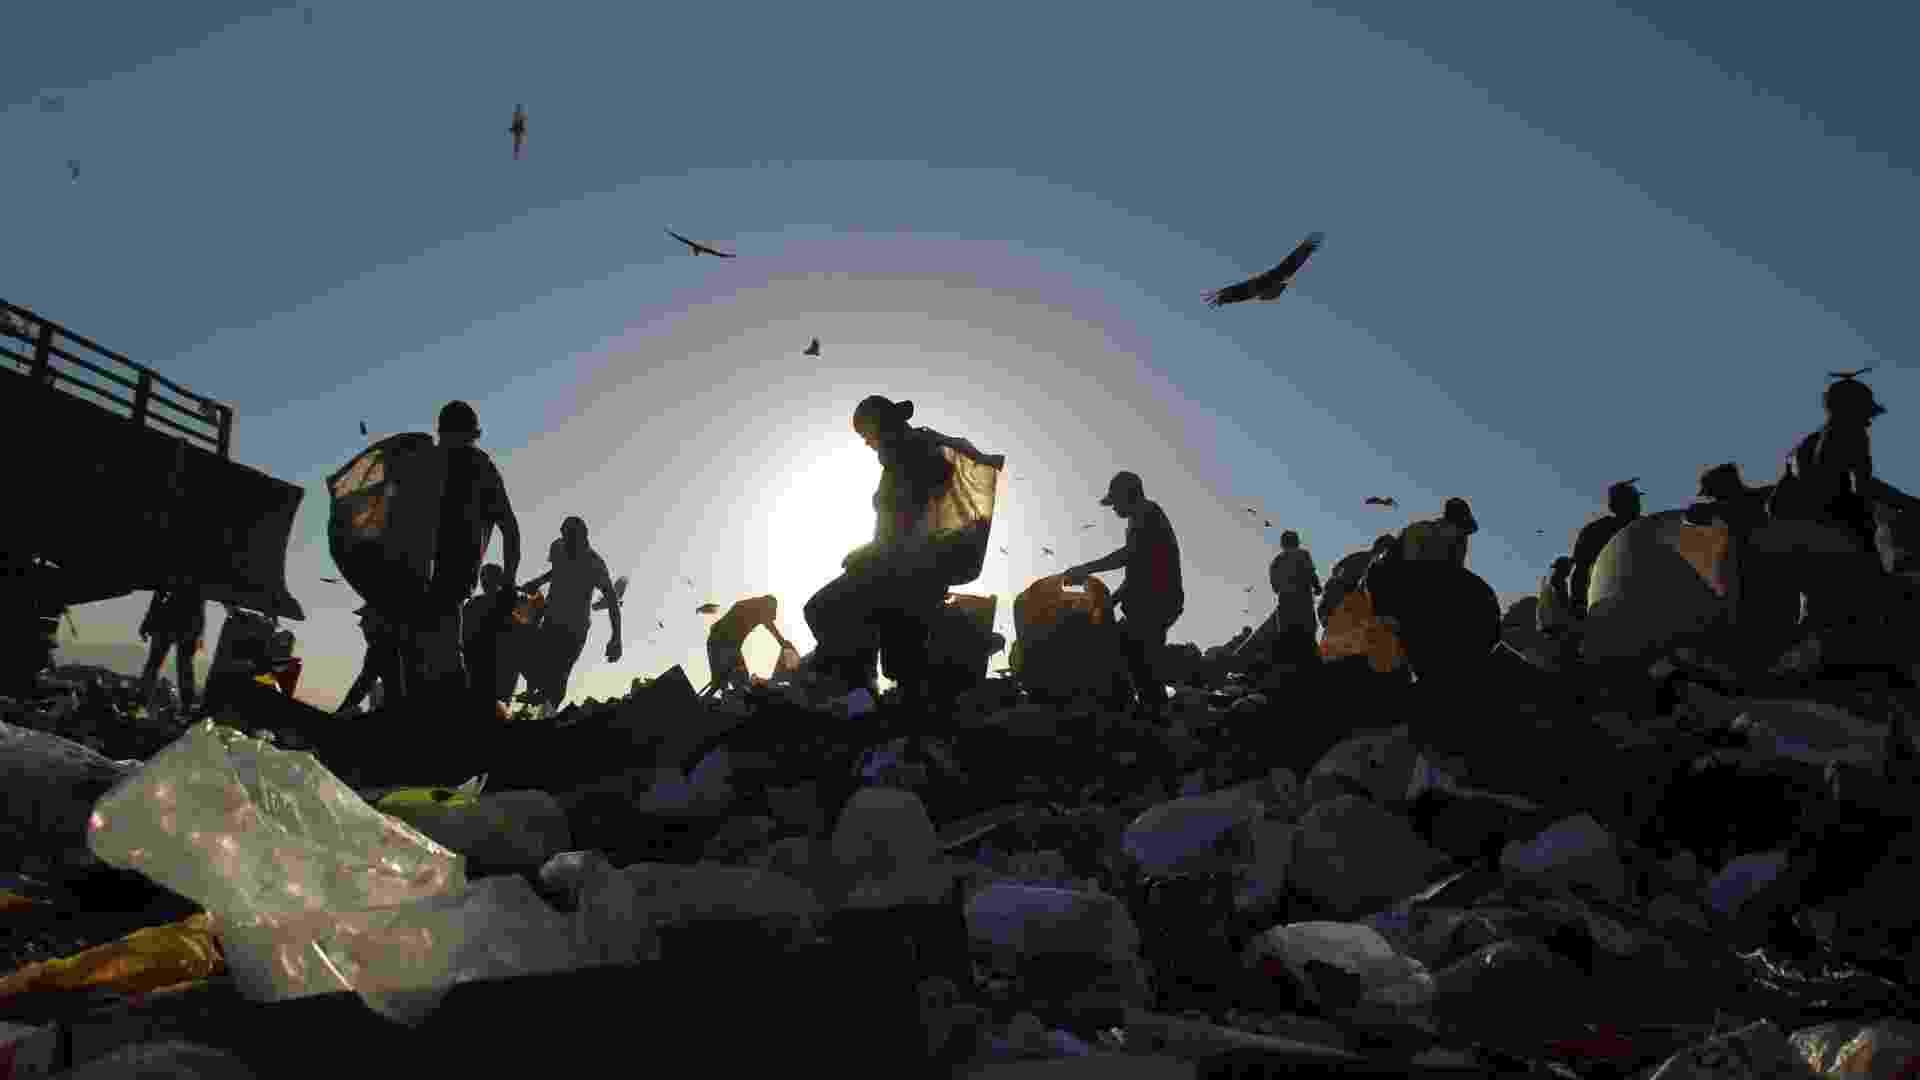 Homens recolhem material para reciclagem em Jardim Gramacho, no Rio de Janeiro - Antonio Lacerda - 19.abr.2012 / EFE